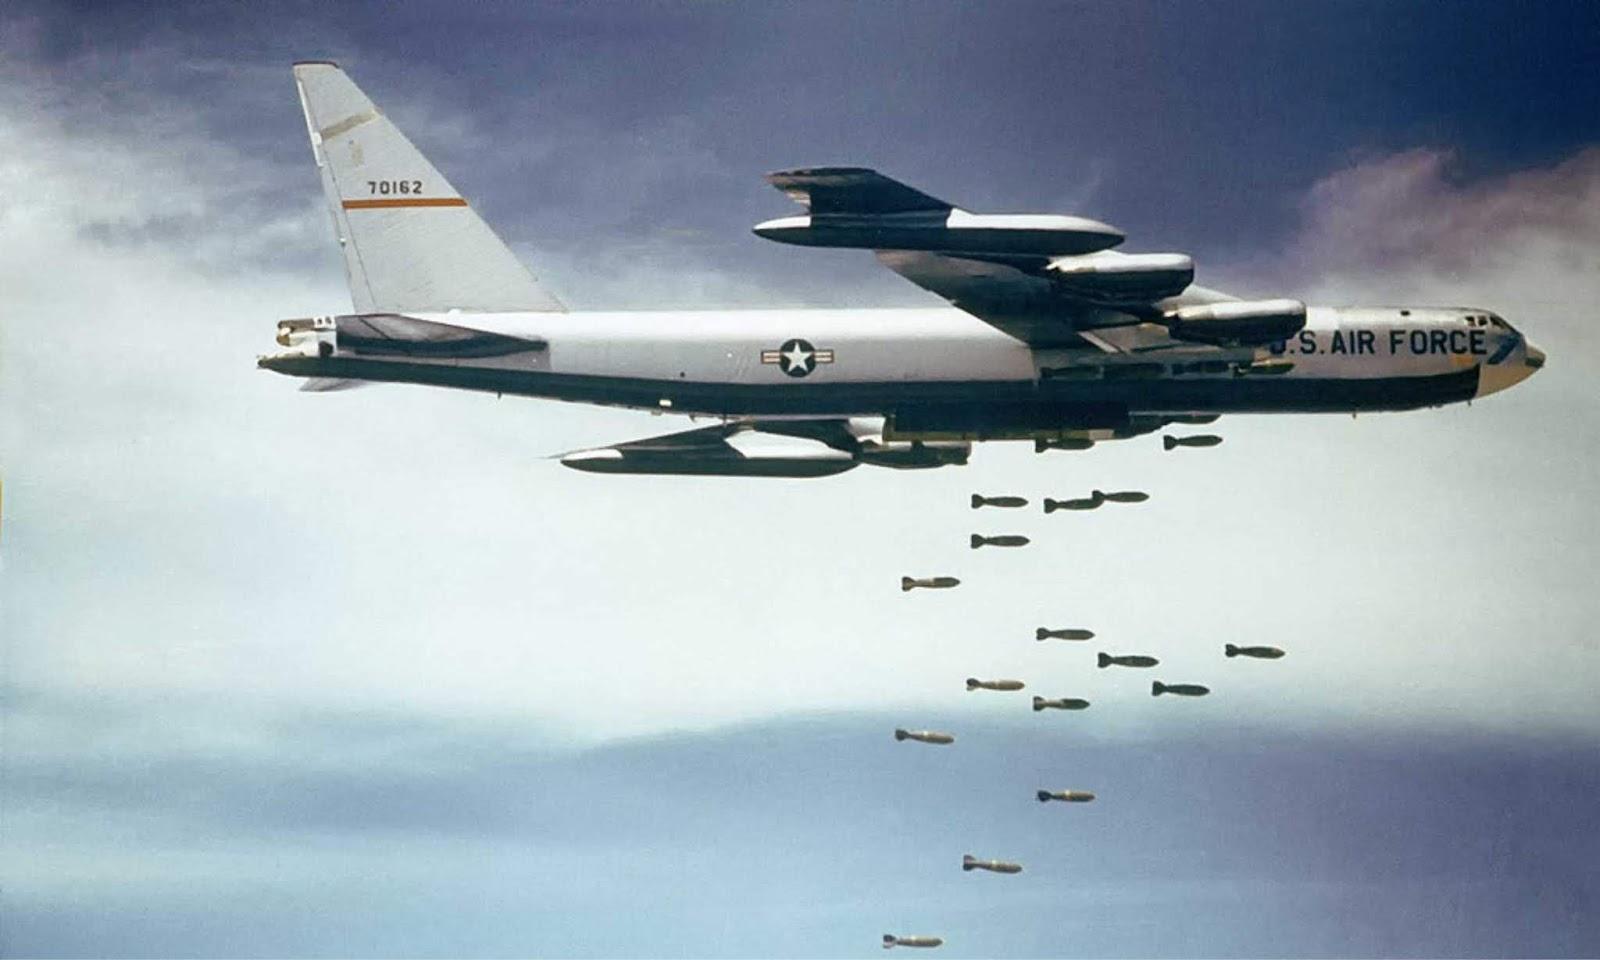 AS Menghidupkan Kembali Terobosan Perang Dingin Untuk Skenario Perang Rusia dan Cina